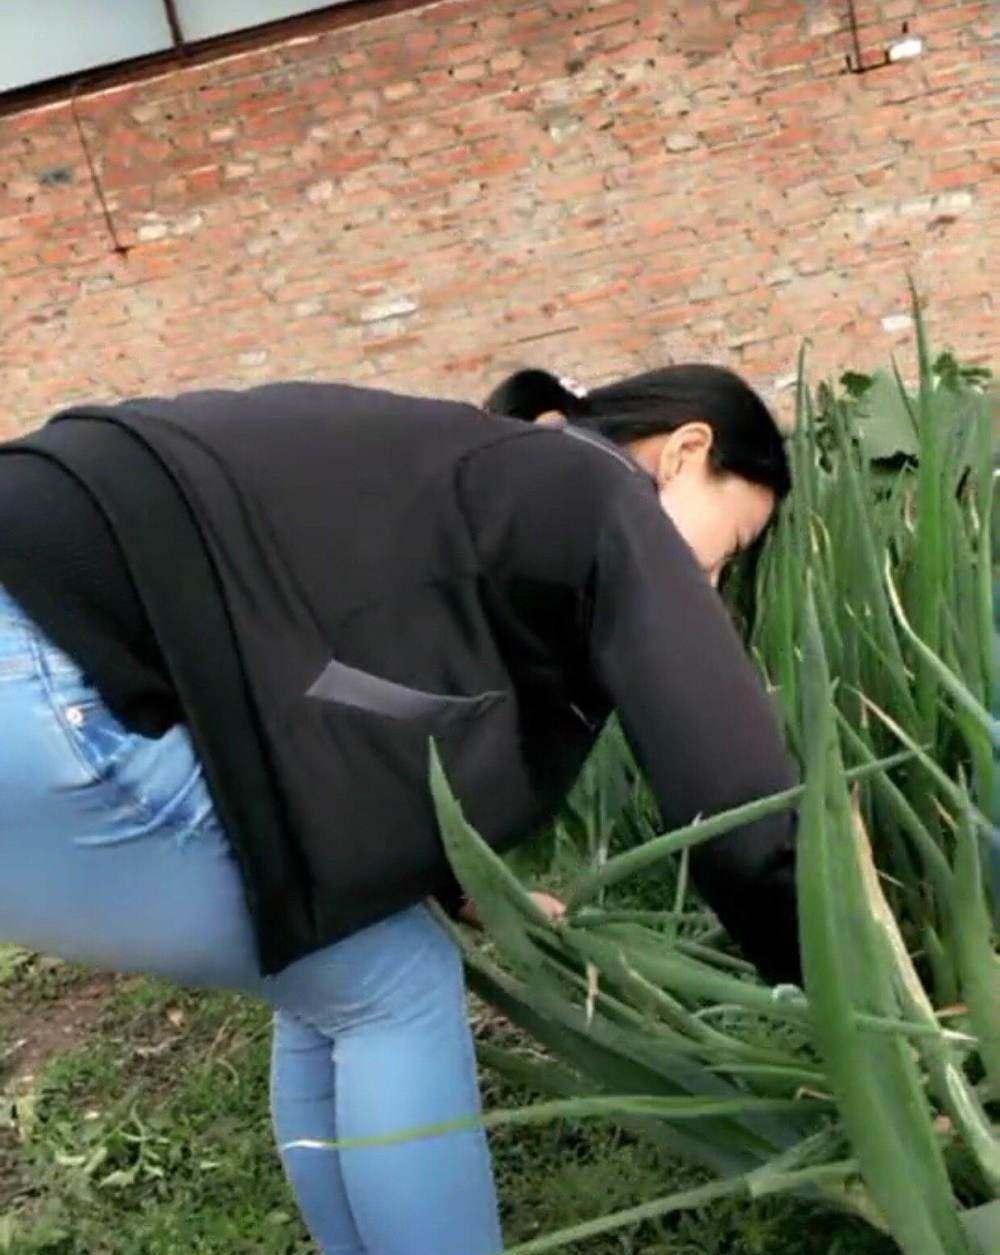 隔壁的美少妇帮我手淫_路人街拍 农村隔壁的少妇再拔葱, 这个姿势